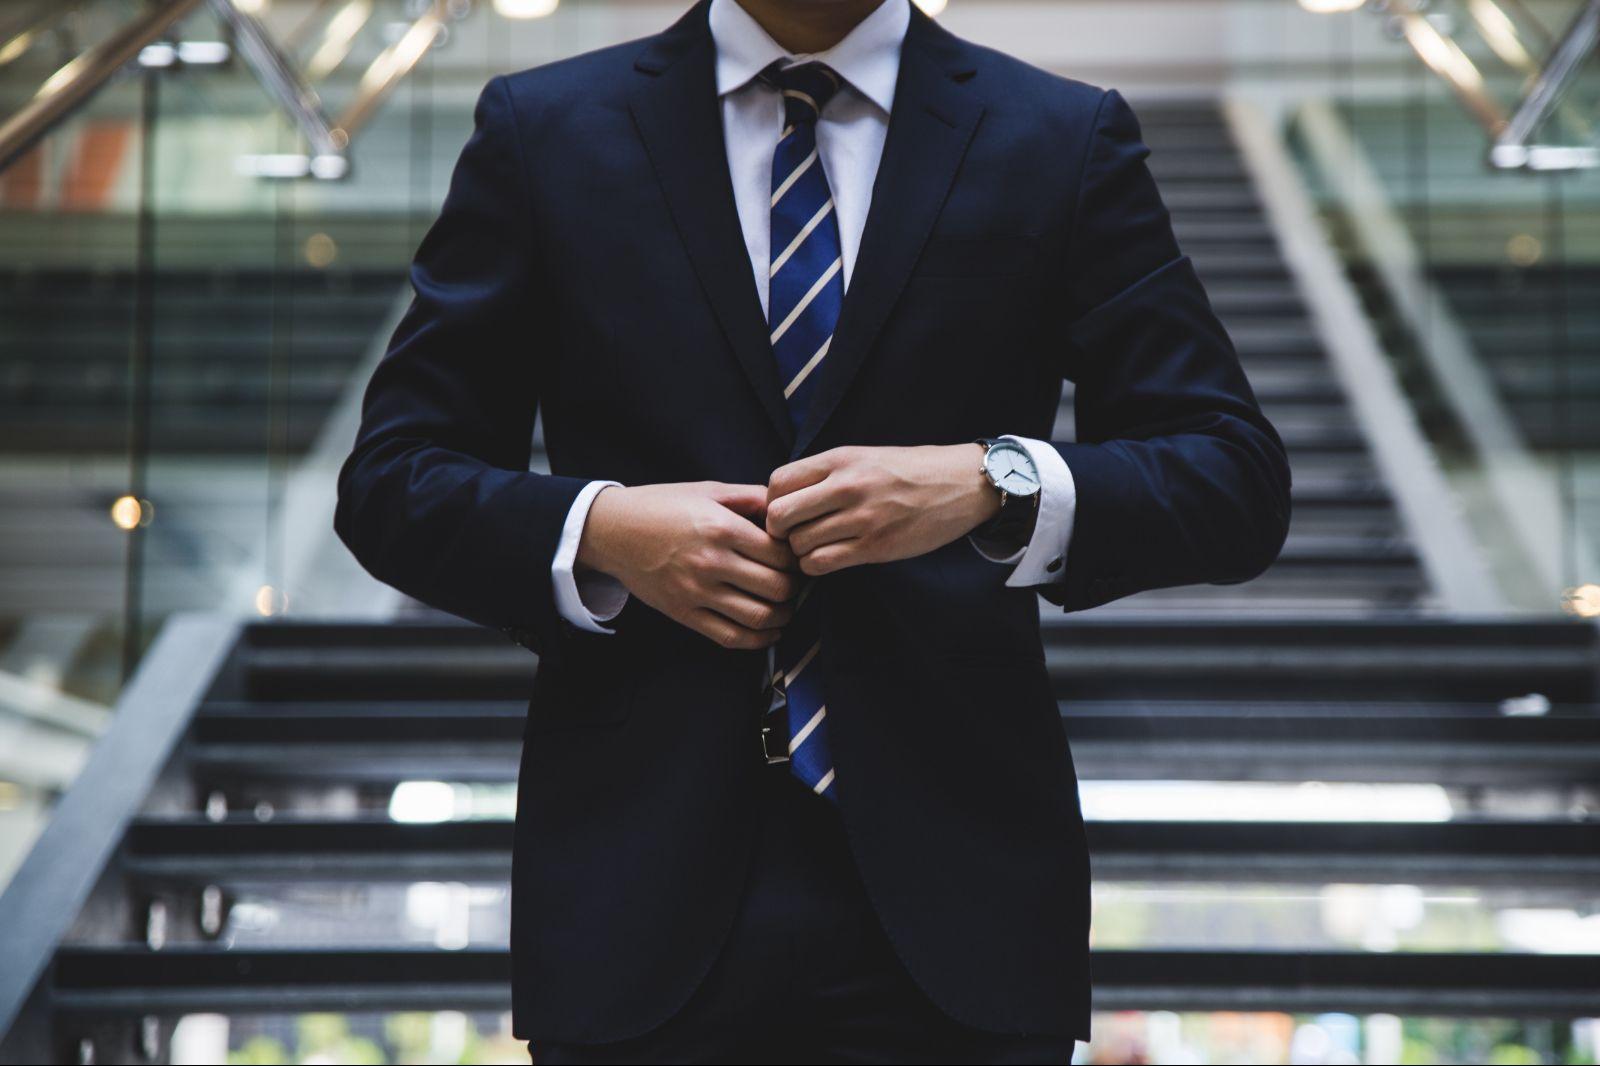 Открыть свой бизнес мечтают многие - ведь здорово заниматься любимым делом, да еще на этом зарабатывать деньги. Однако на первых этапах начинающему предпринимателю предстоит вкладывать ресурсы (время, свой труд, ресурсы и деньги). Мы знаем о чем говорим, потому как сами начинали свой бизнес с нуля. Государство, предлагая субсидии на открытие своего бизнеса предоставляет желающим отличную возможность открыть свой бизнес без начального капитала.